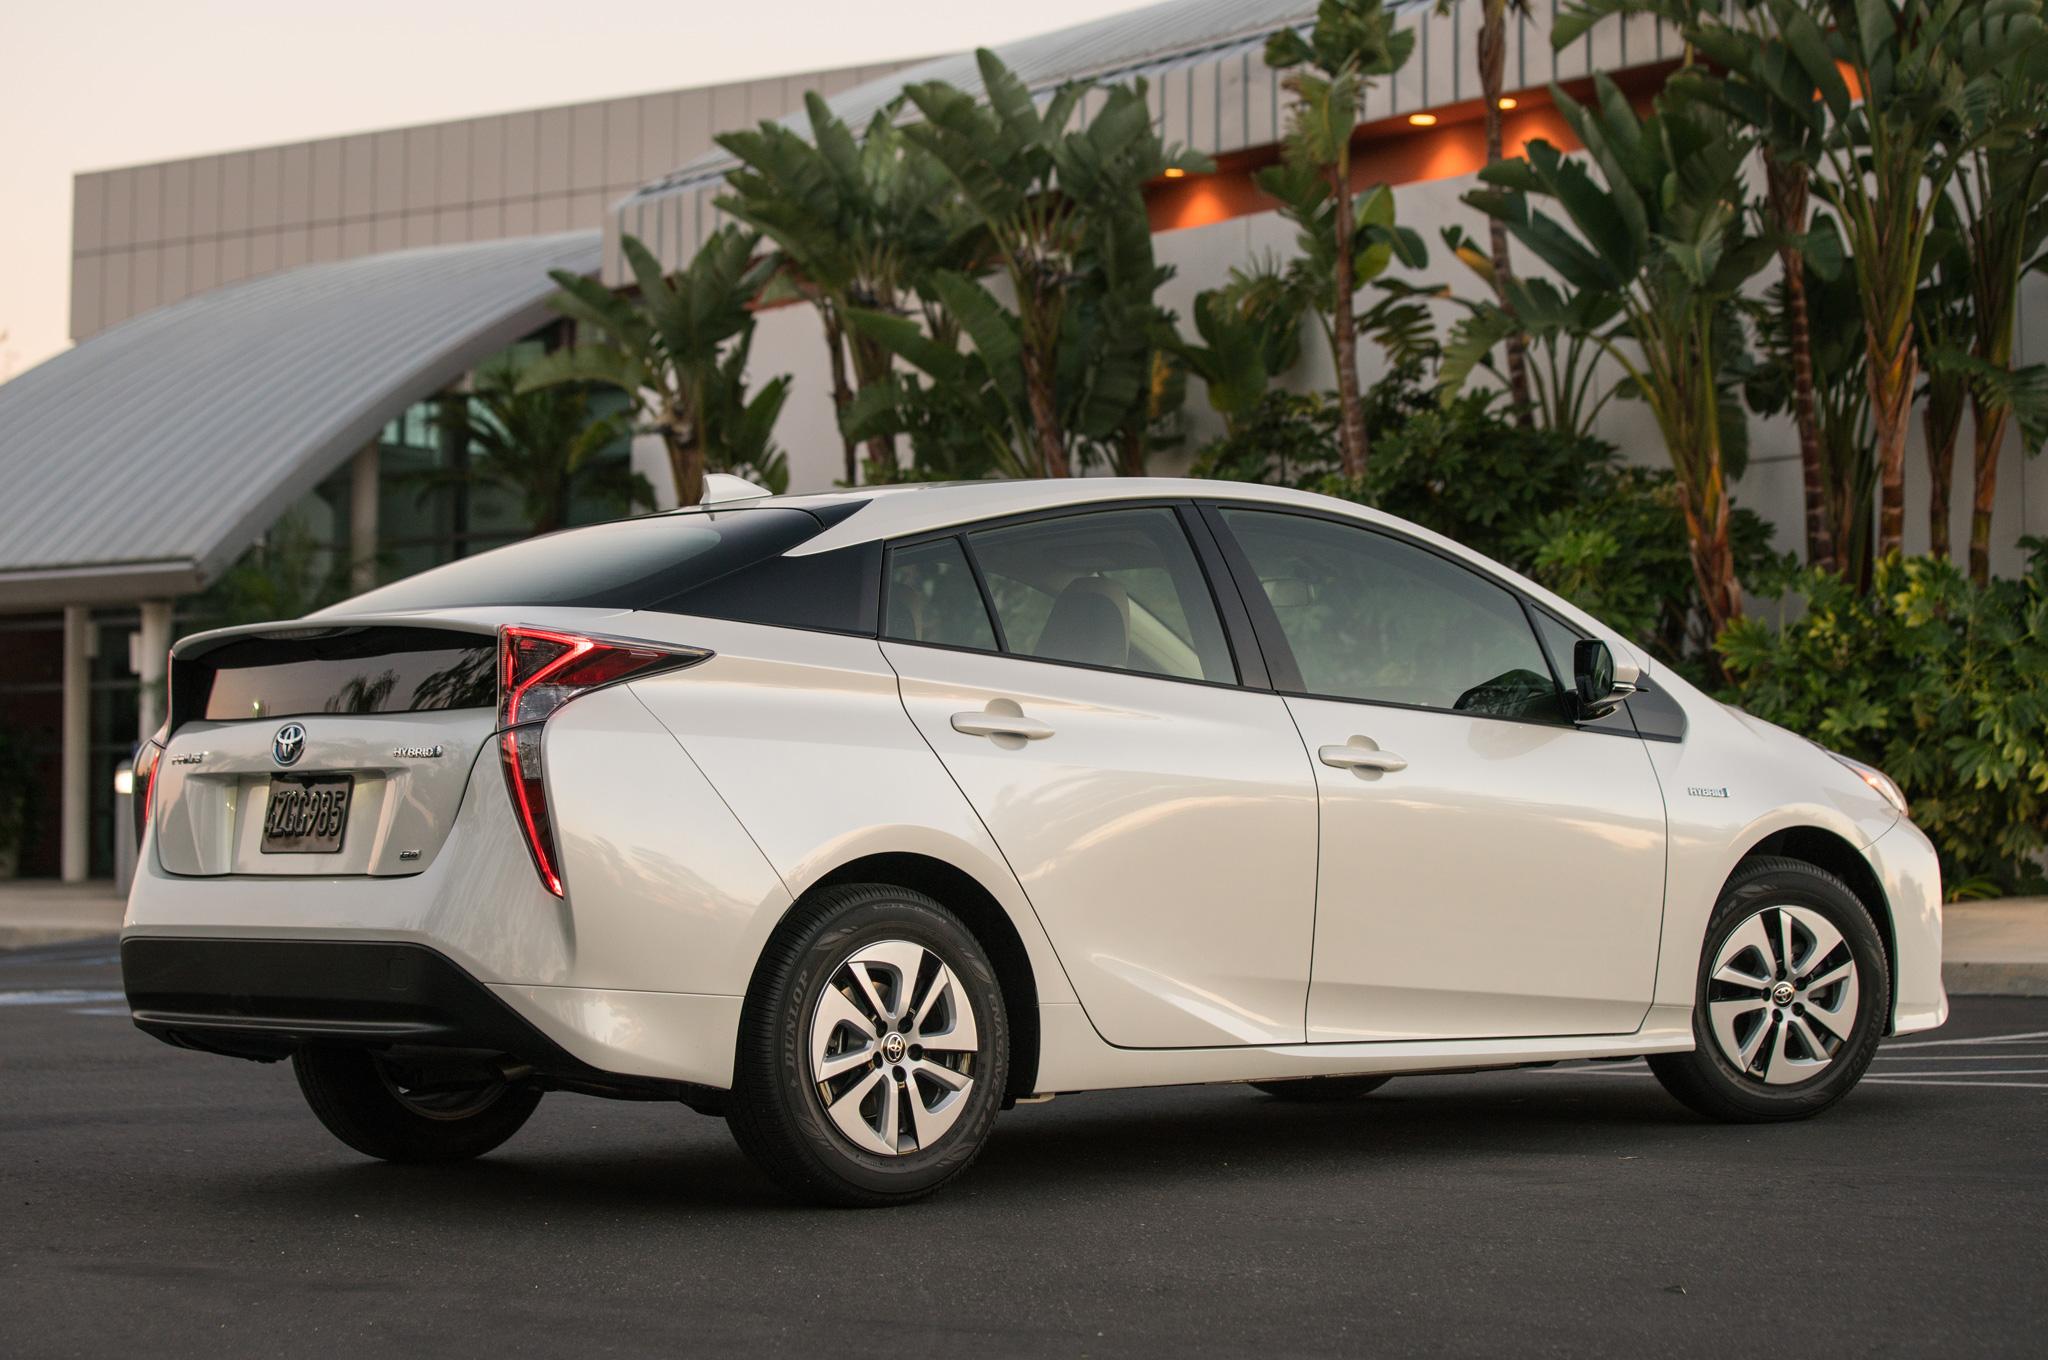 Toyota Prius стала самым экономичным авто в отношении расхода топлива 1